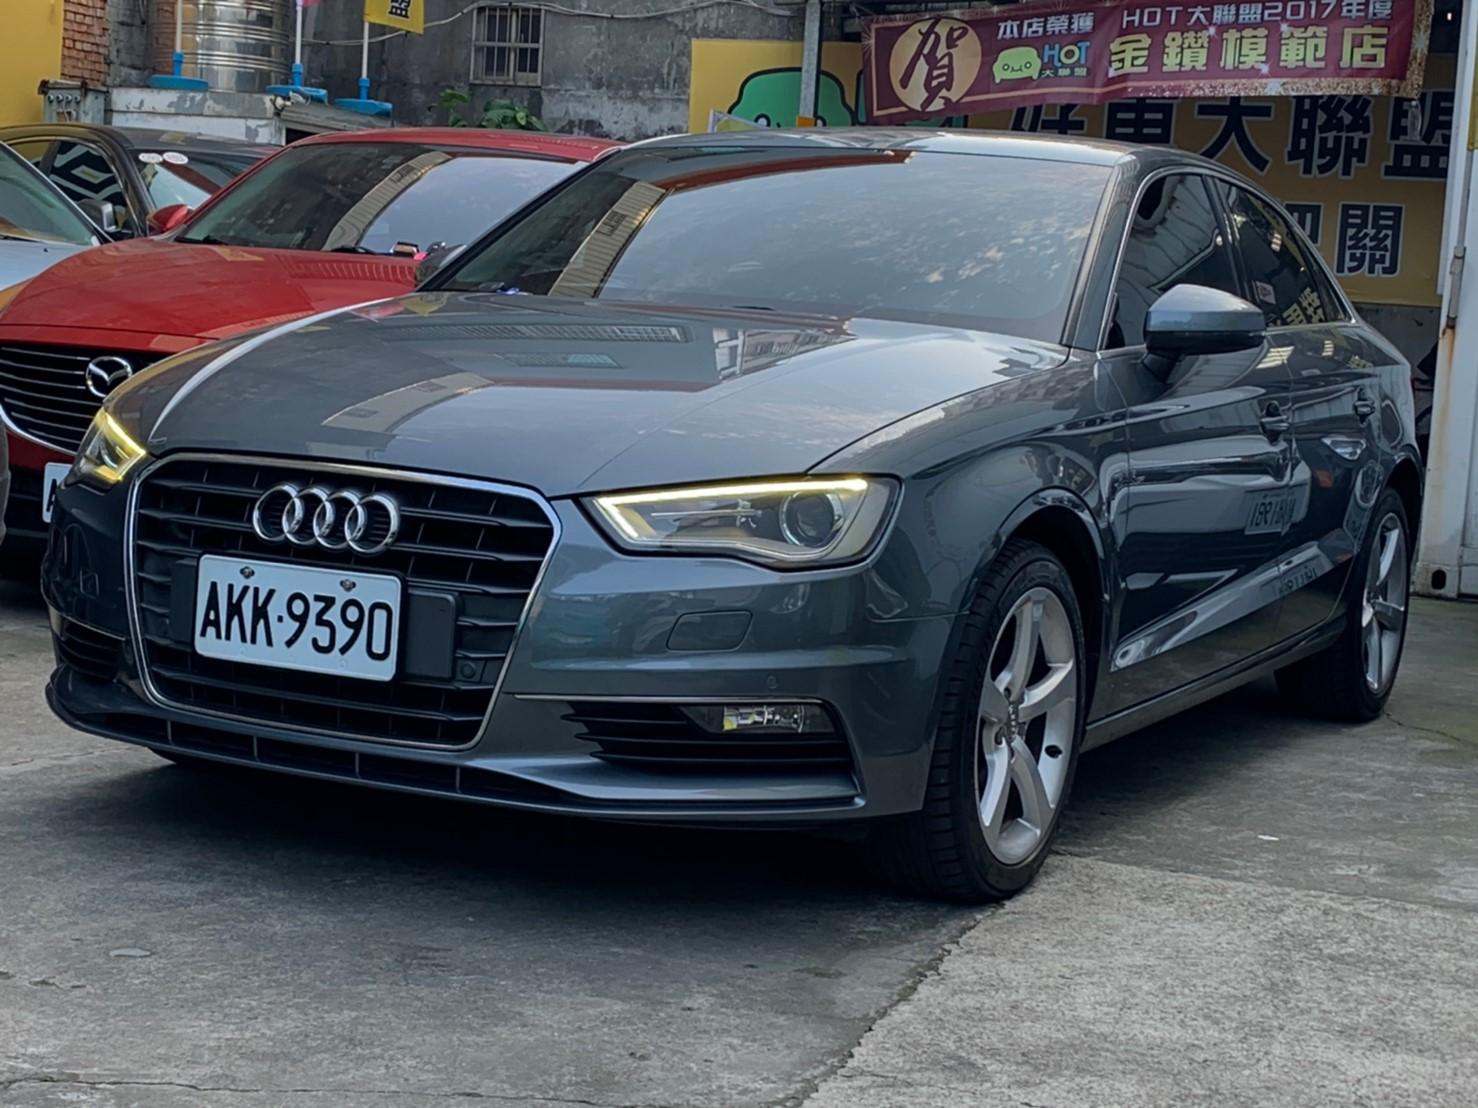 2013 Audi 奧迪 A3 sedan